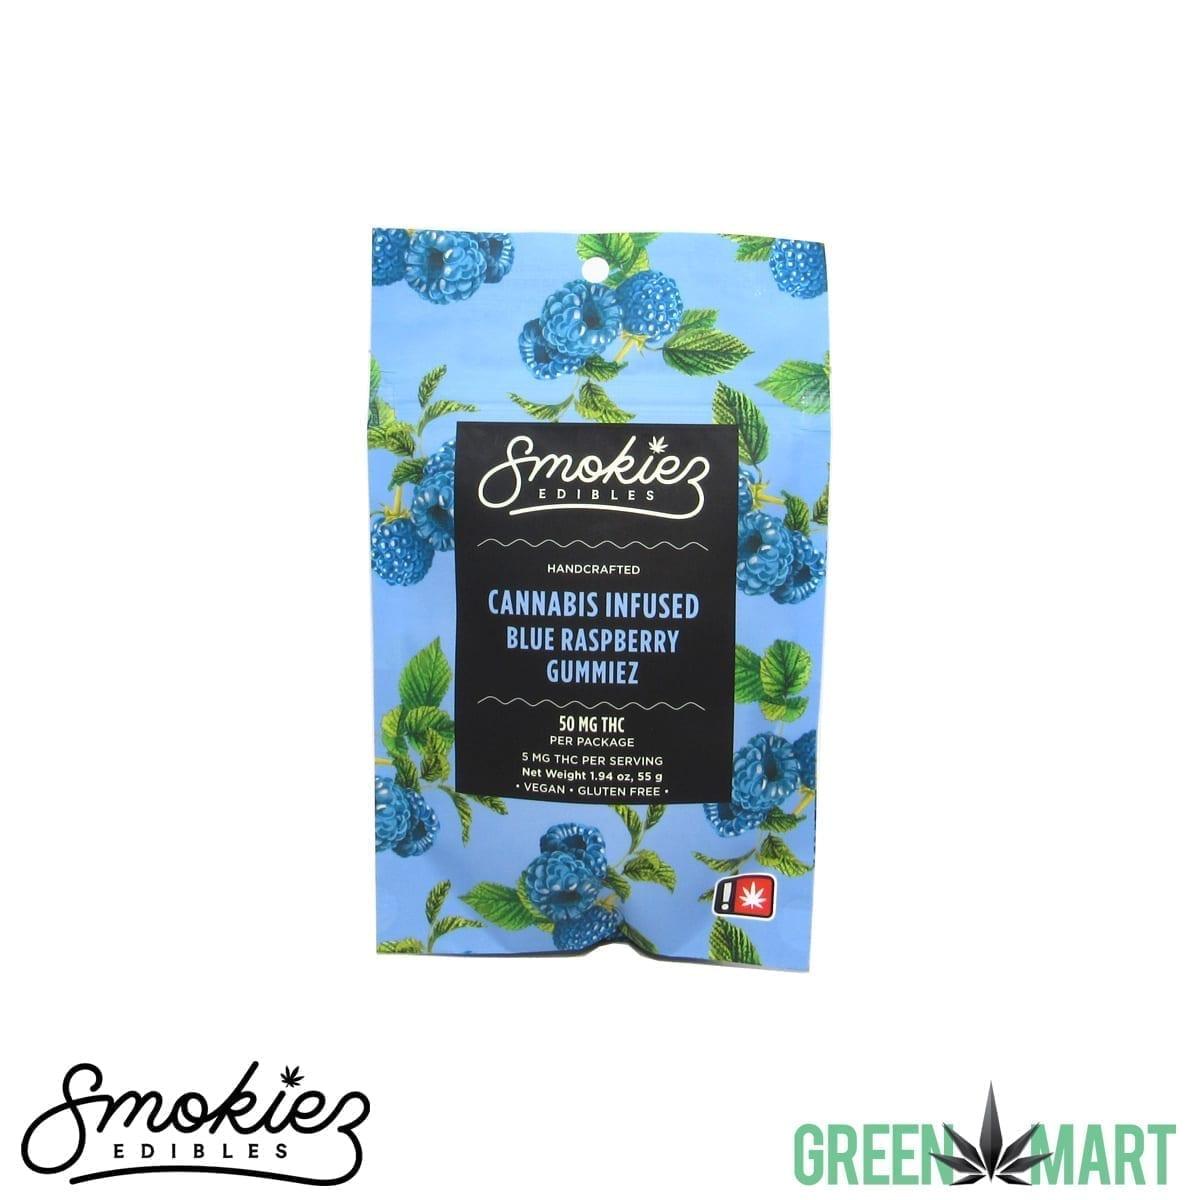 Smokiez Edibles Gummiez - Blue Raspberry